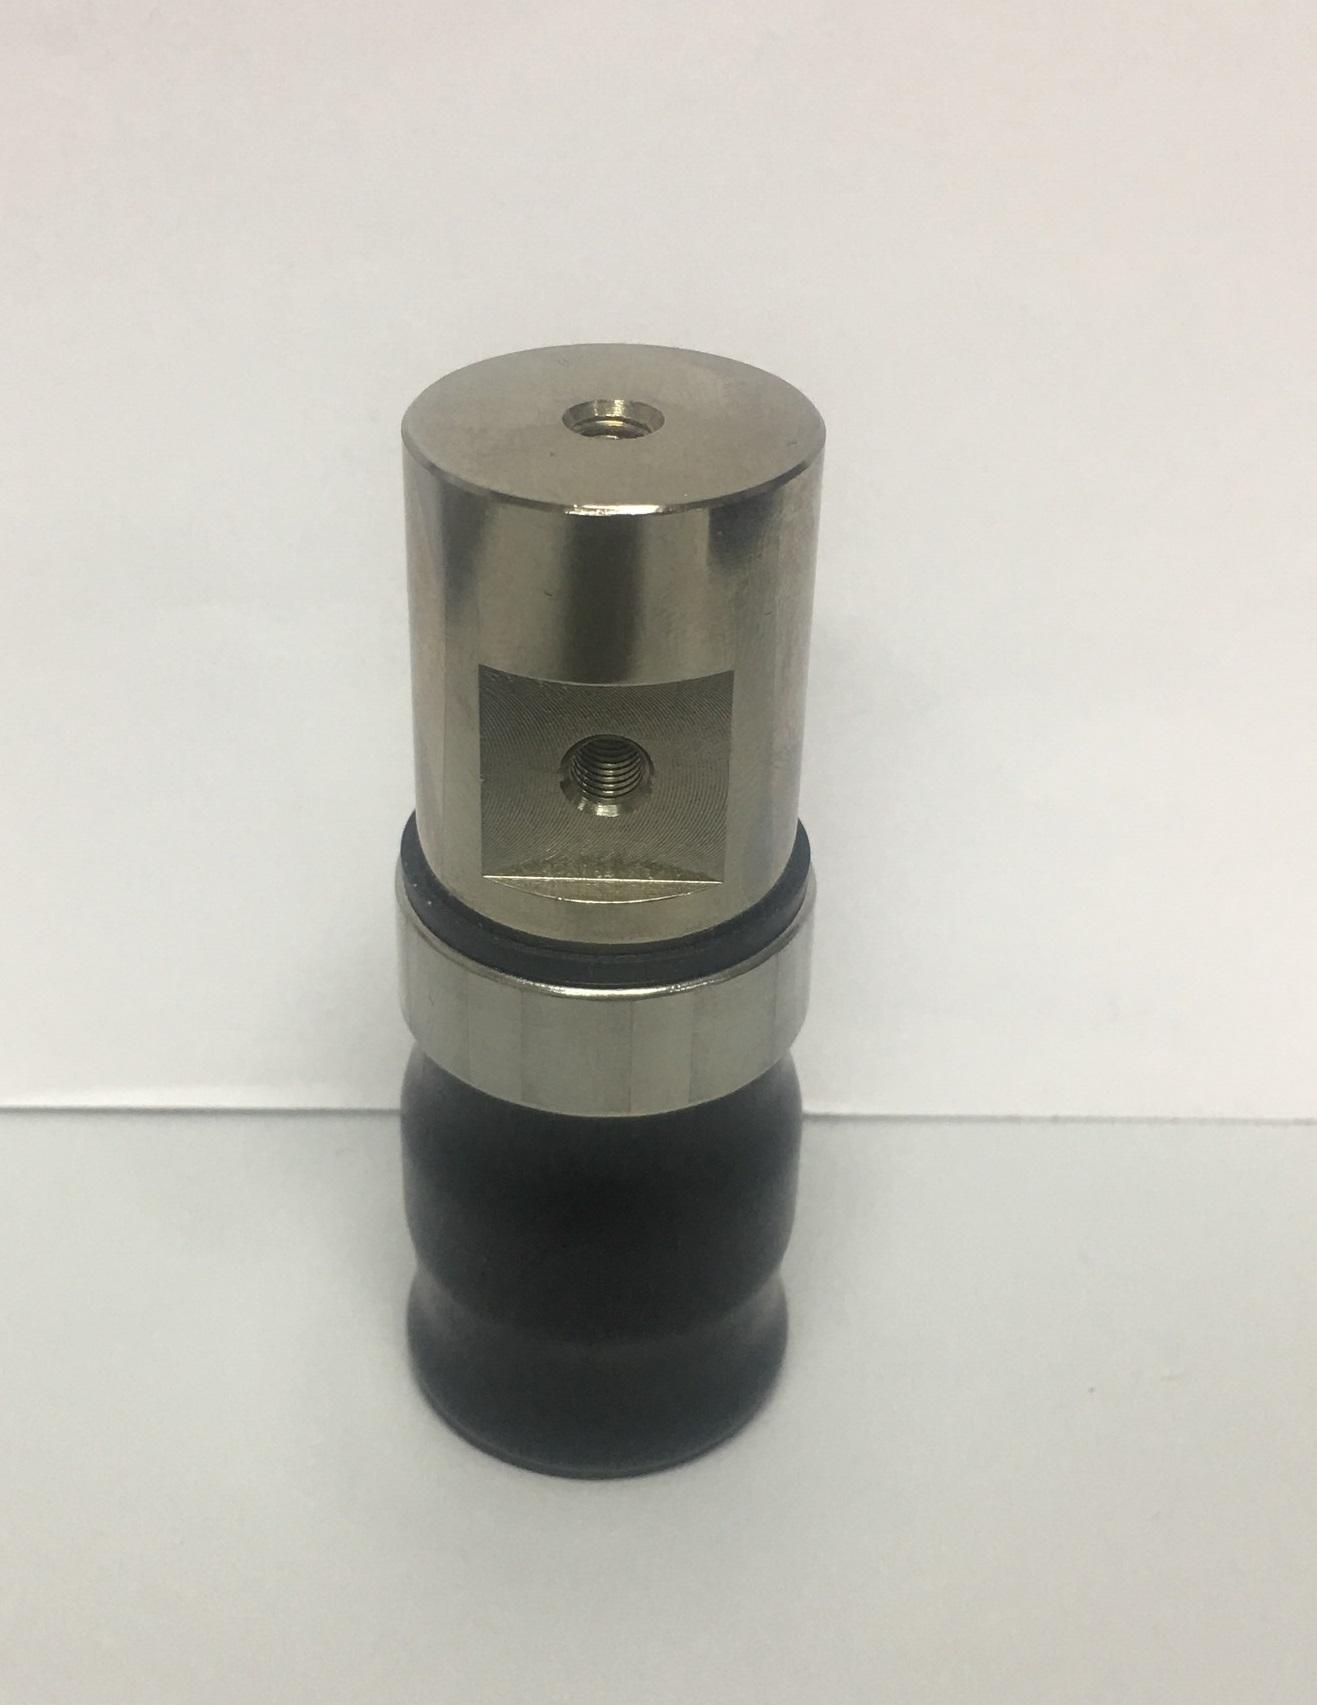 Kẹp khí/ Air picker product lineup P025RCF - Hàng có sẵn